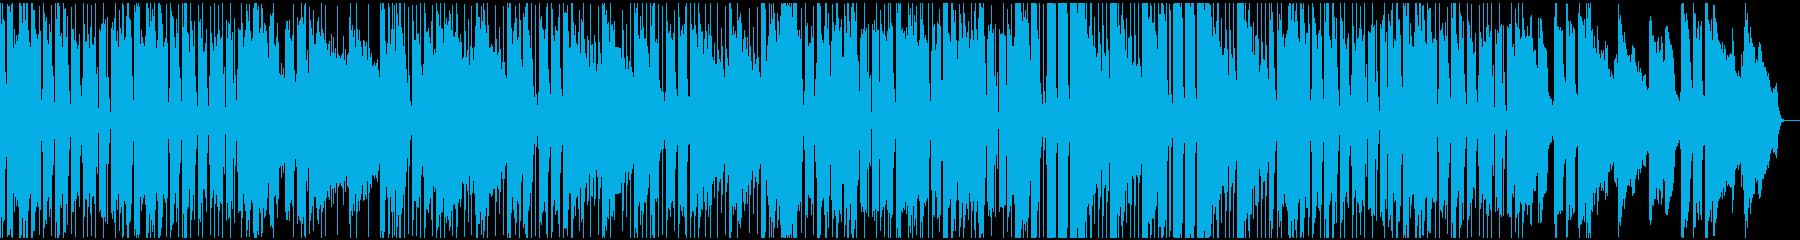 爽やかなジャズ風ポップスの再生済みの波形